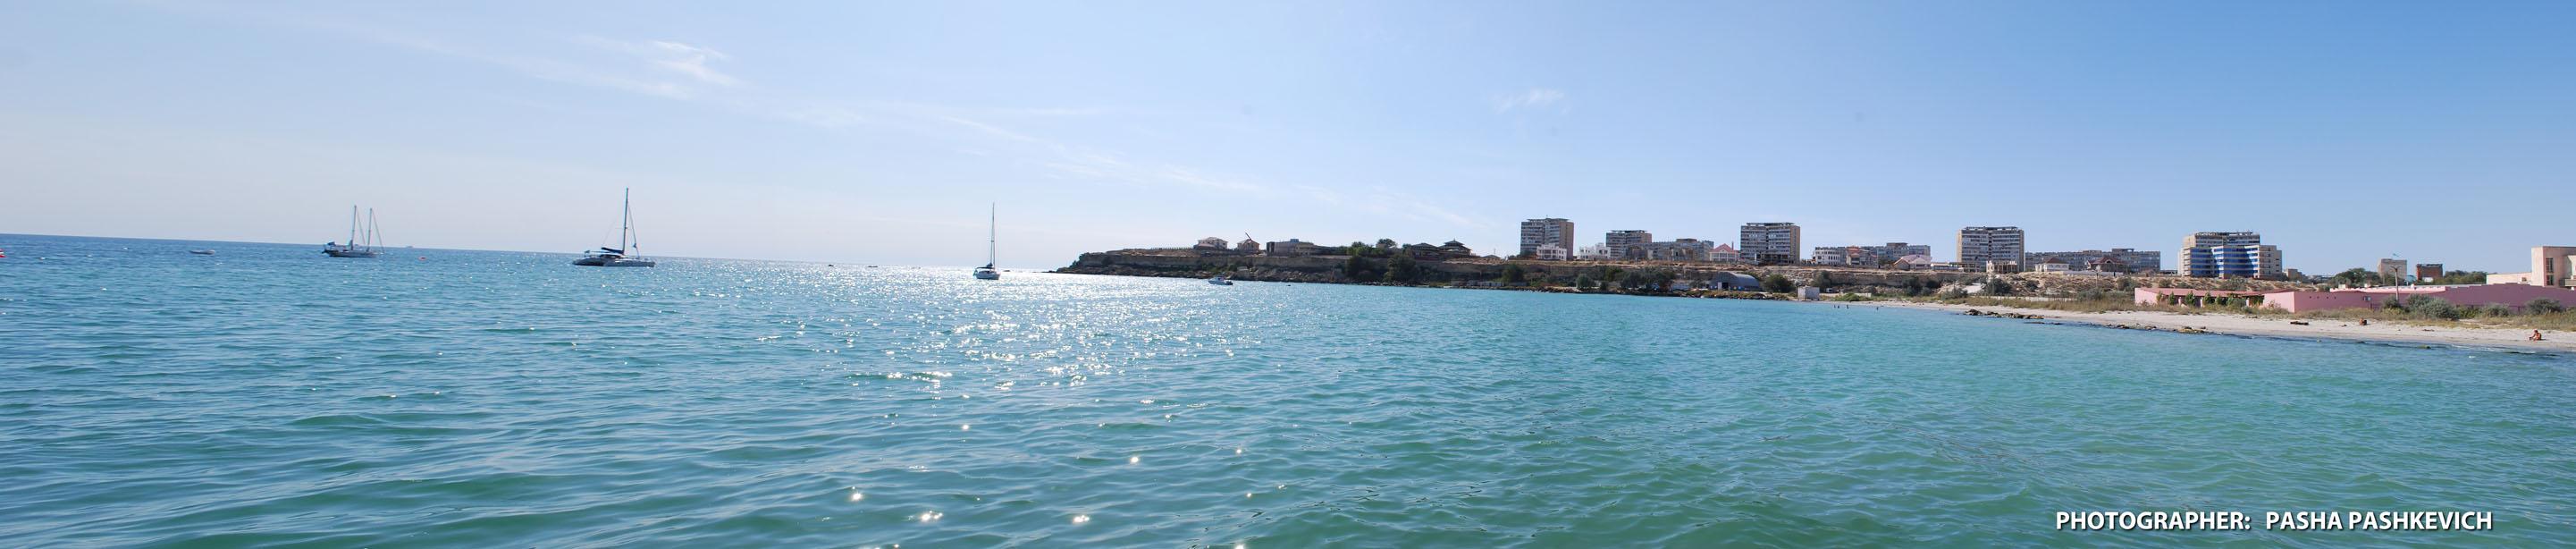 Актау фото города и пляжа